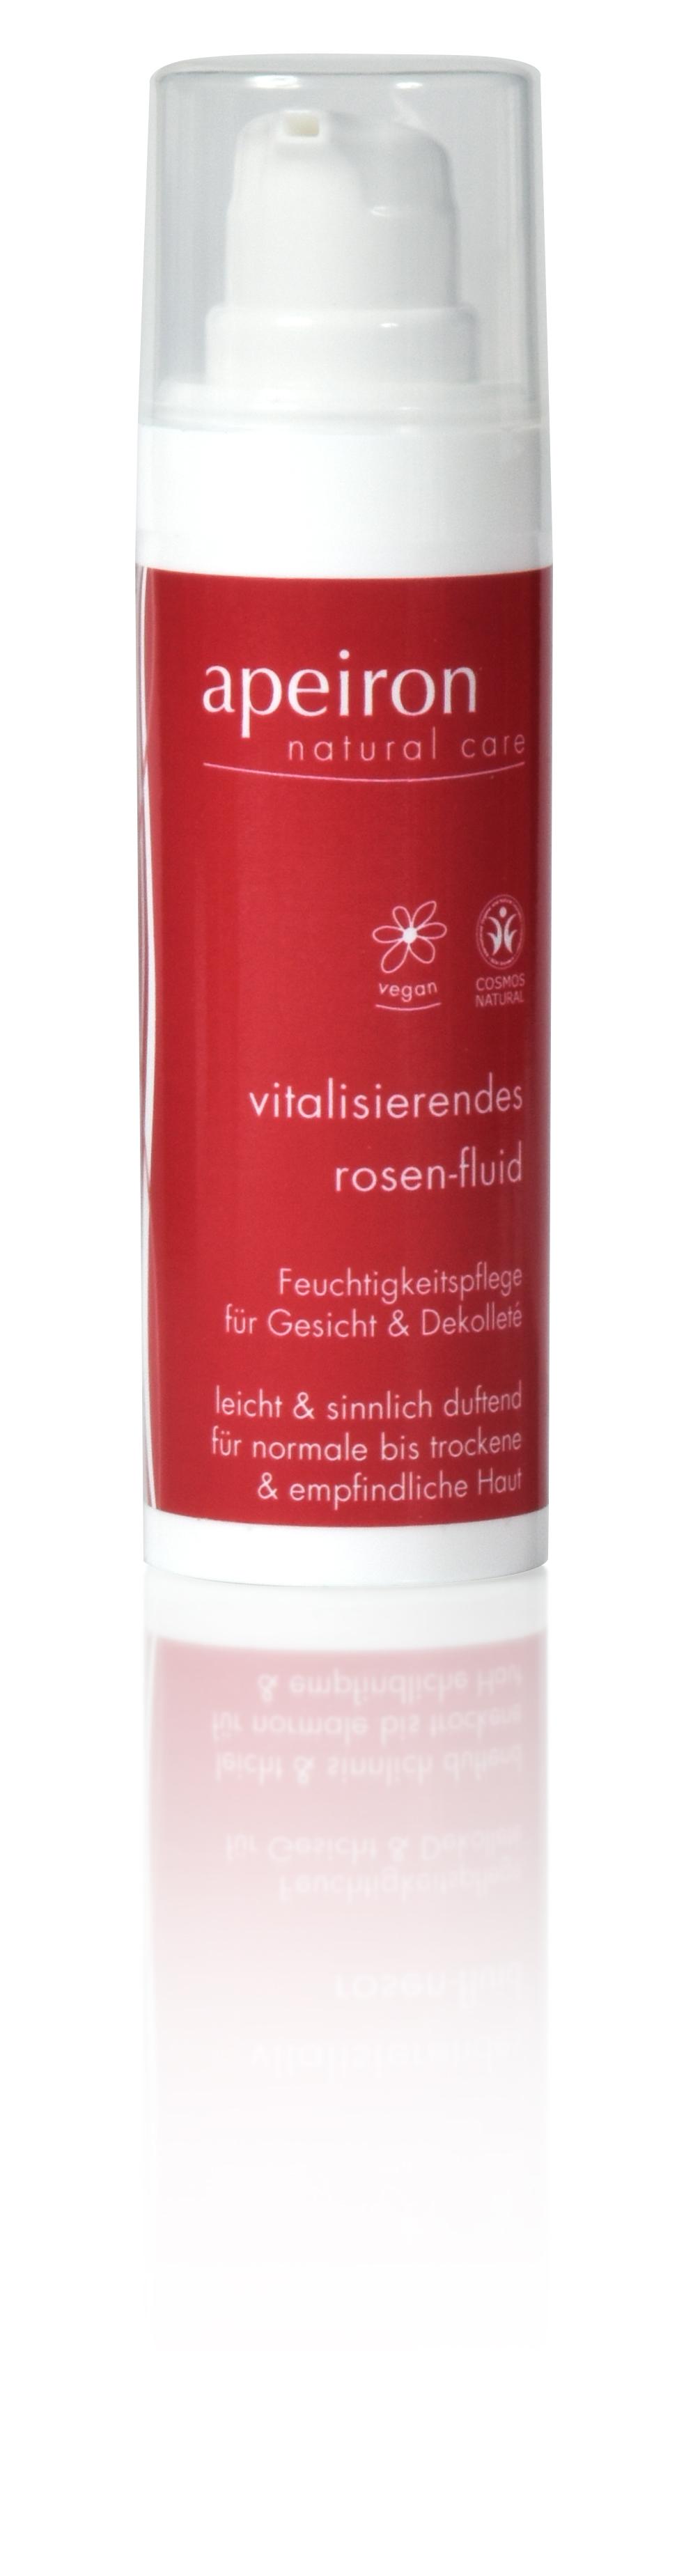 Vitalisierendes Rosen-Fluid - Feuchtigkeitspflege für Gesicht & Dekolleté